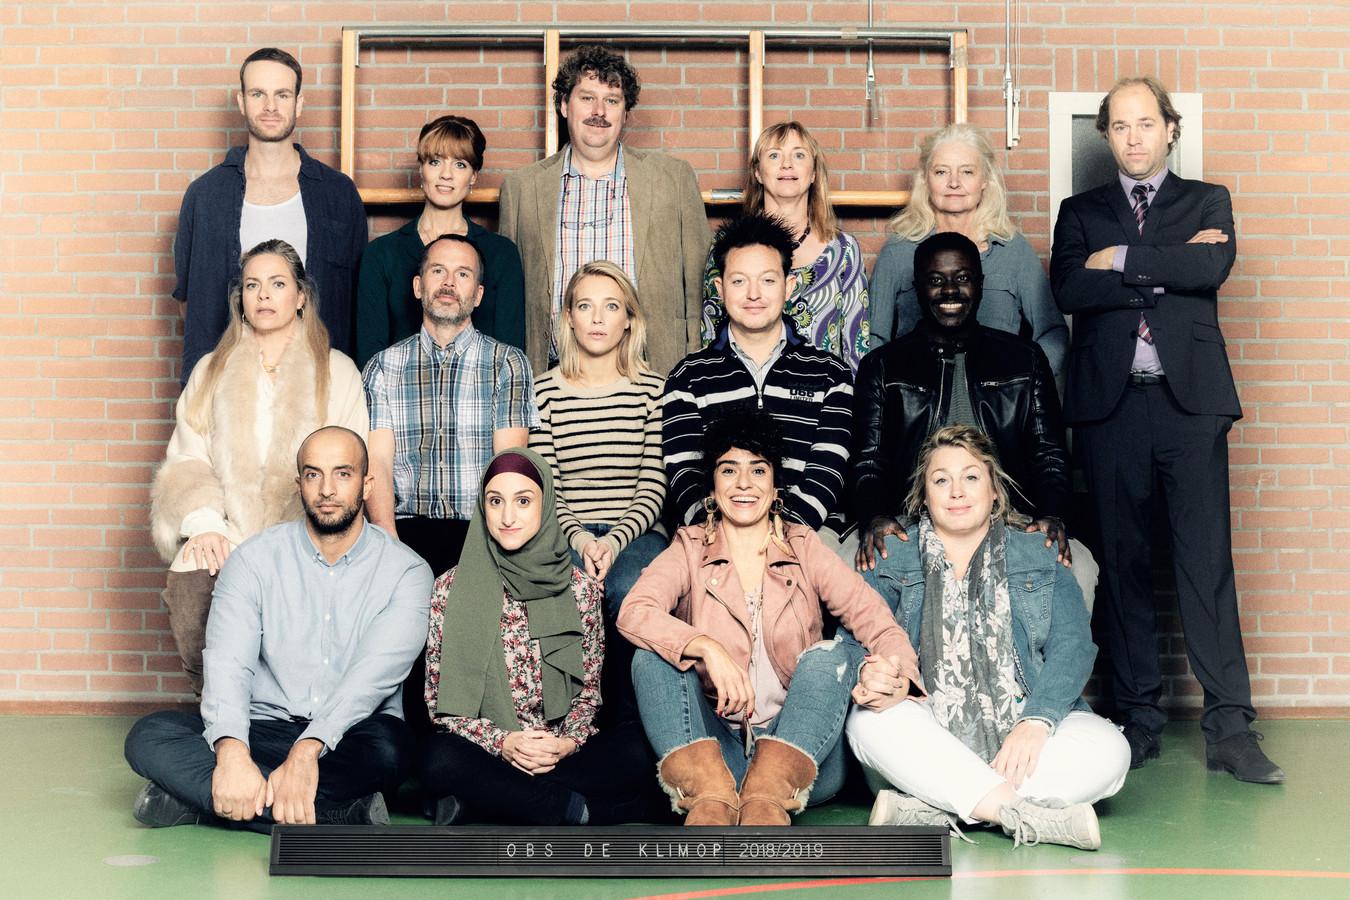 De nieuwe cast/schoolfoto van De Luizenmoeder seizoen 2.